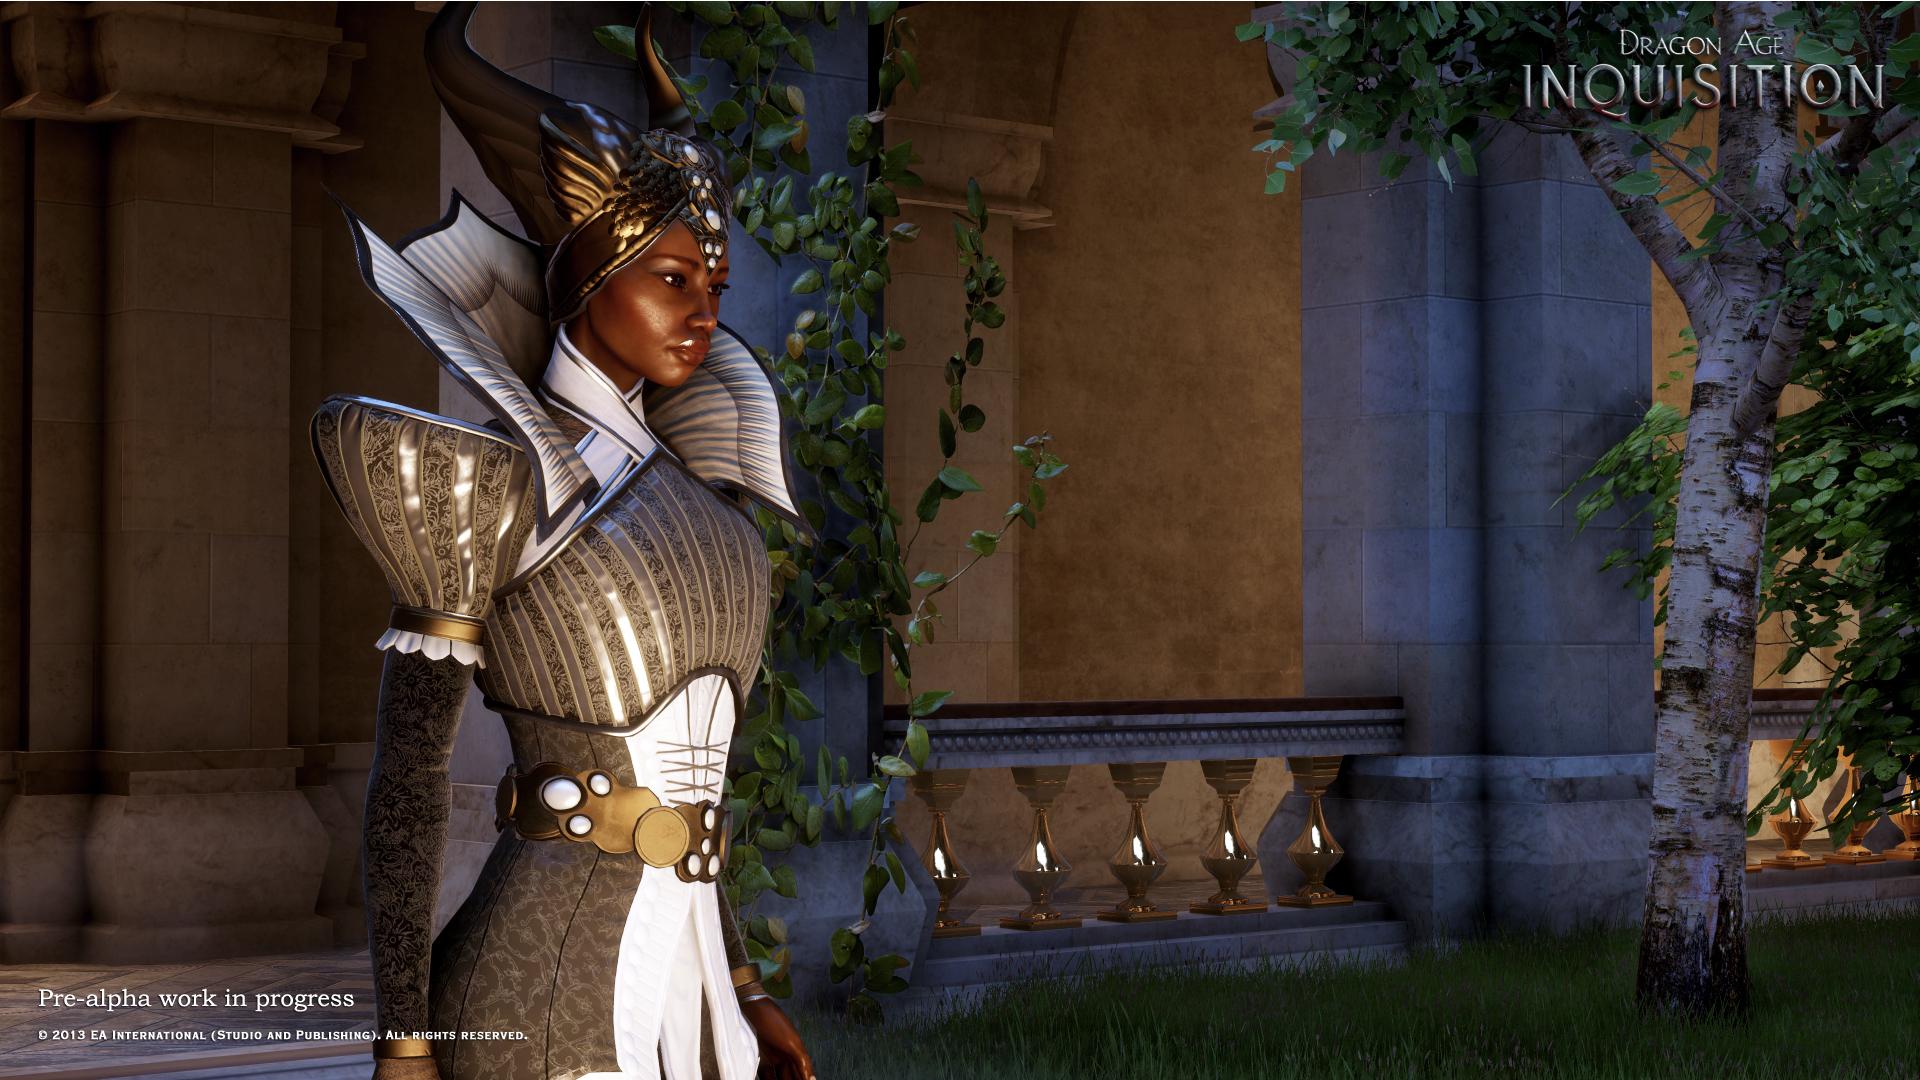 TemplarCode/Dragon Age: Inquisition – BioWare stellt die 'eiserne Lady' Vivienne vor